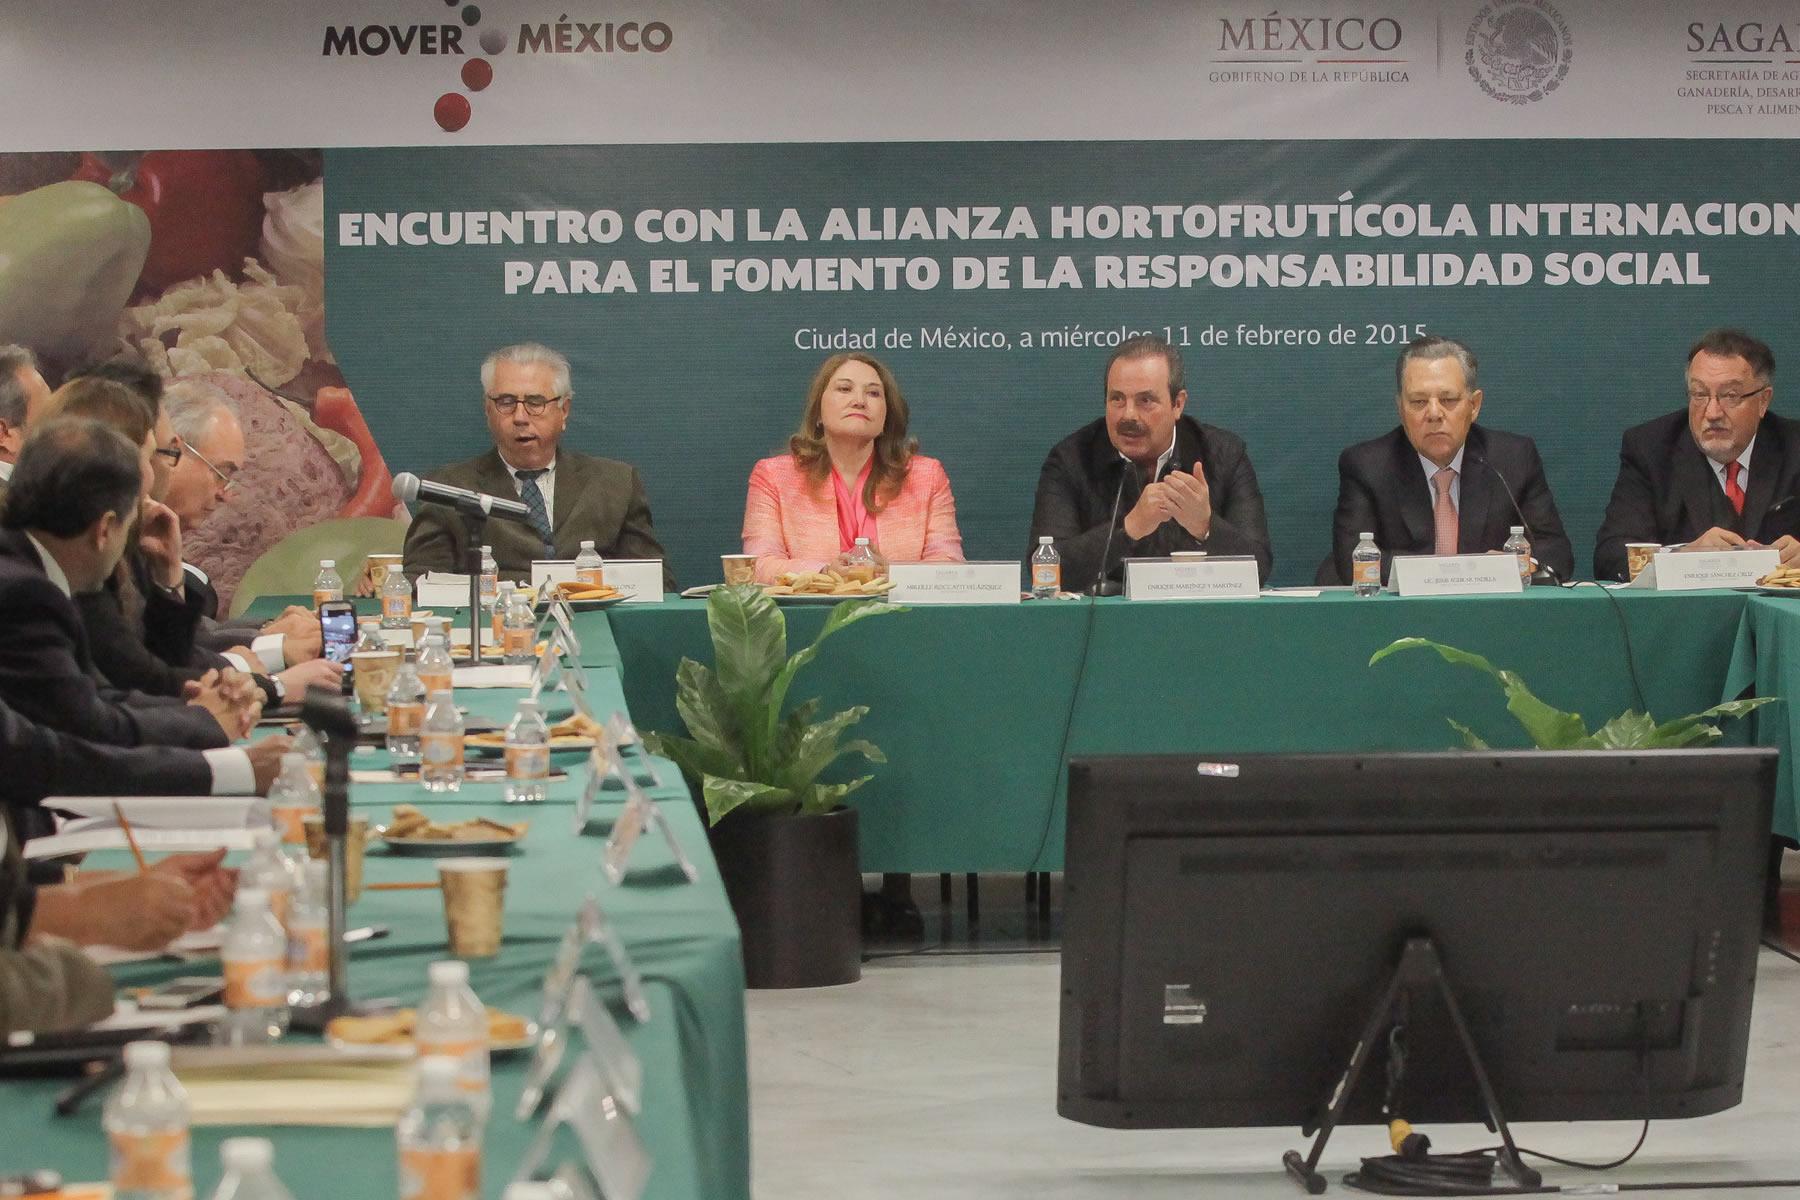 Integran alianza internacional para mejorar condiciones laborales y sociales de trabajadores y jornaleros del sector hortofrutícola de México.